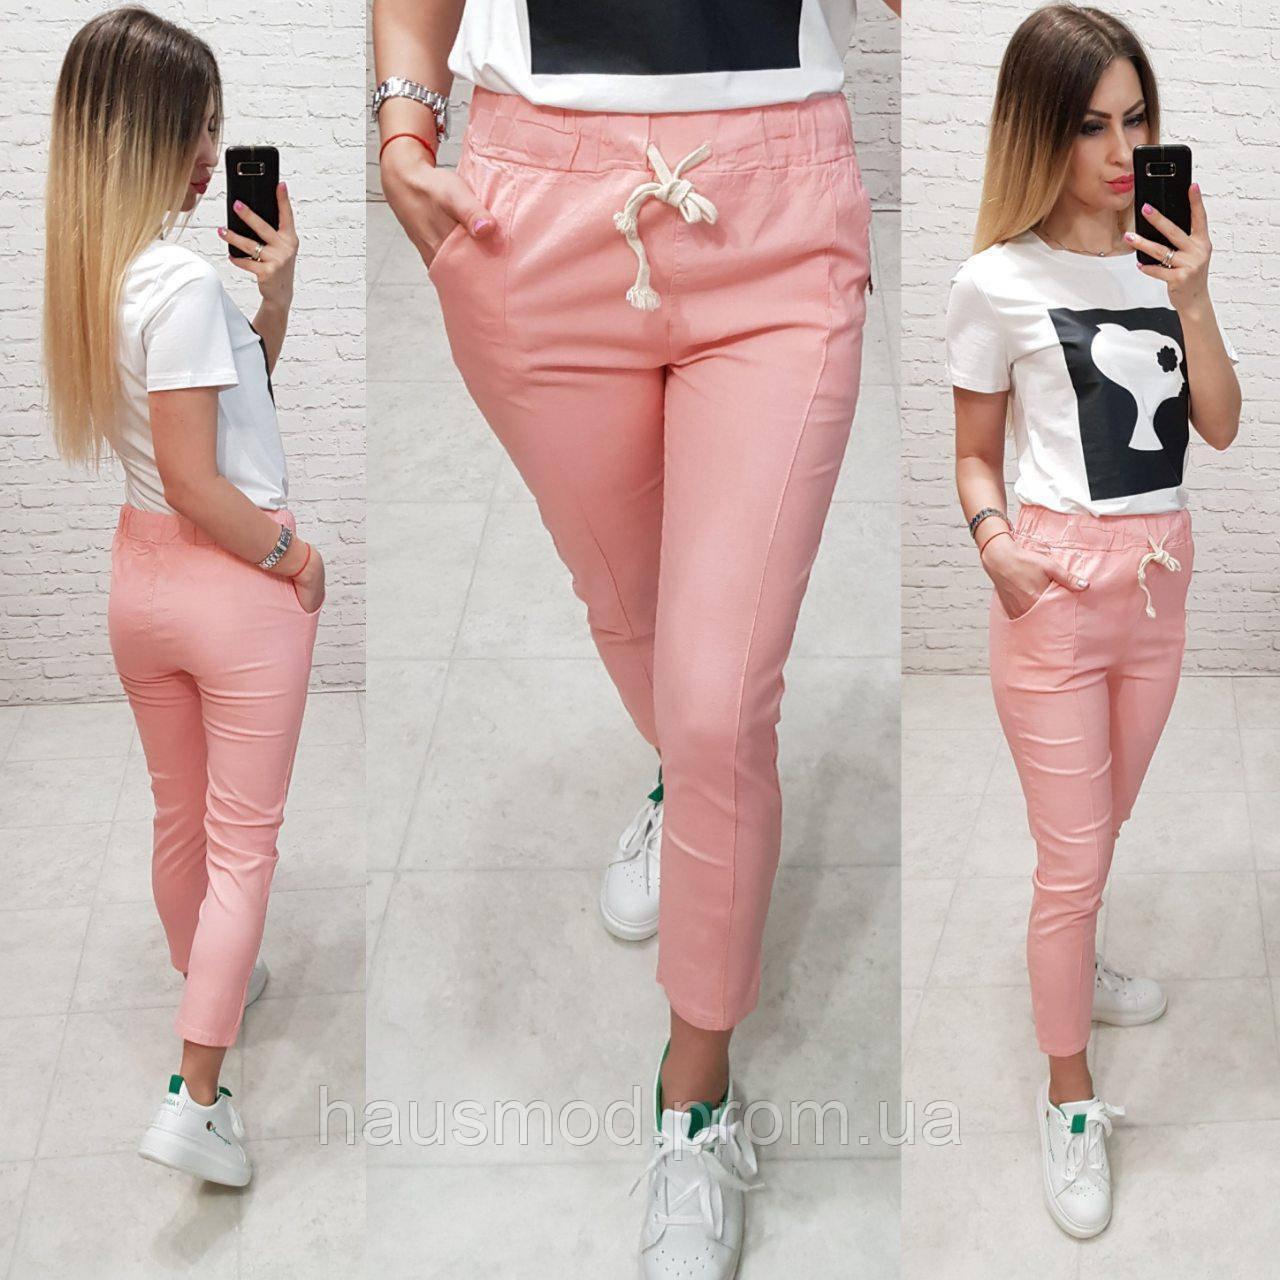 Женские брюки укороченные ткань лен посадка средняя цвет розовый